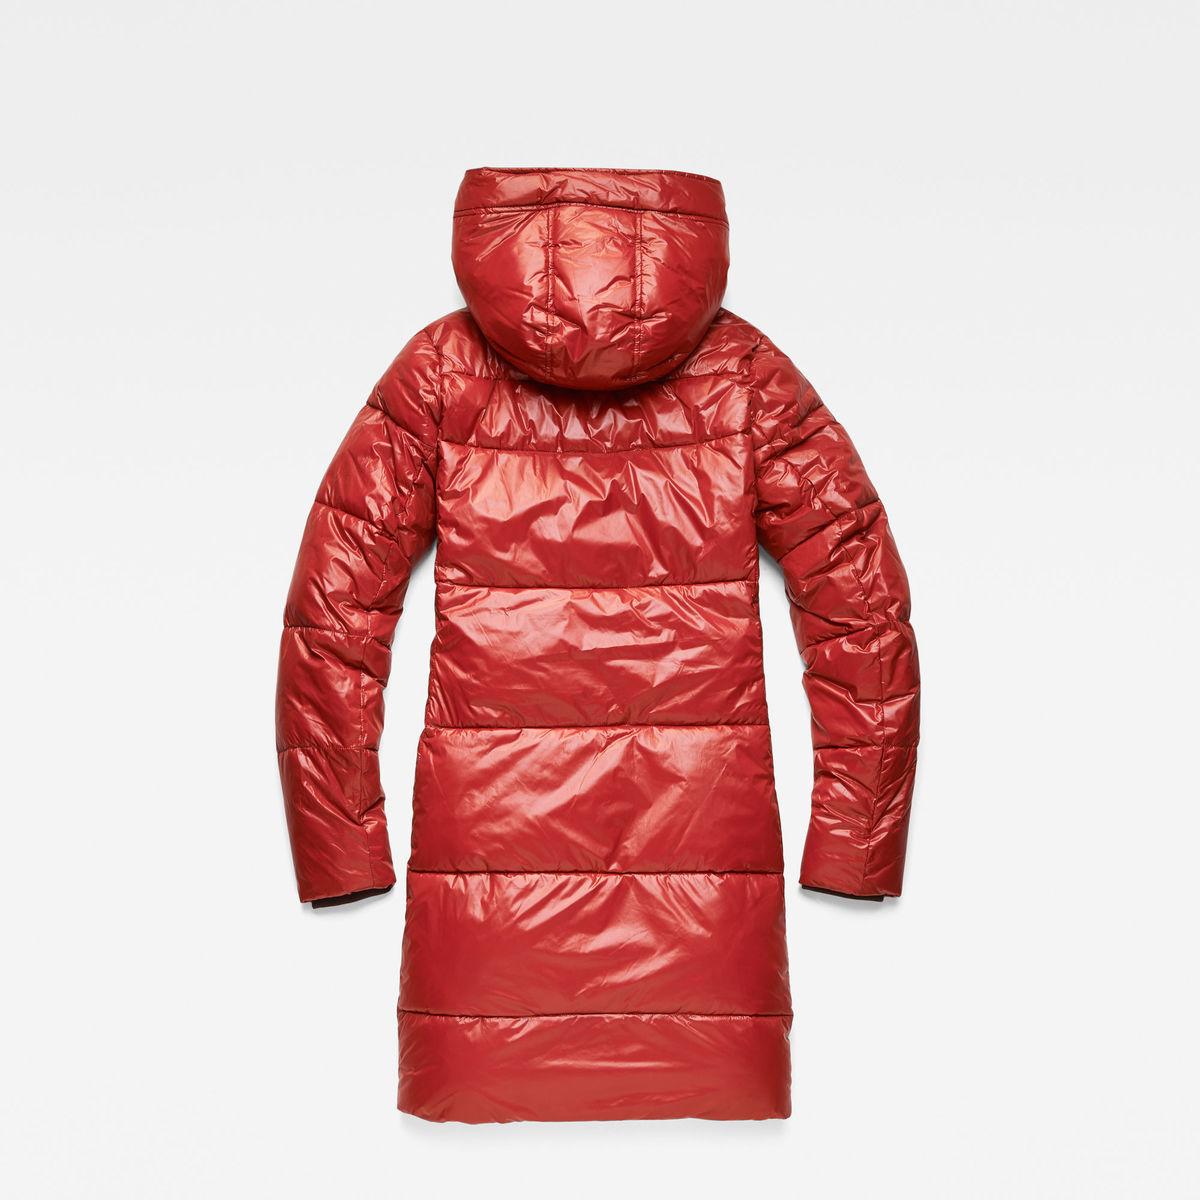 Bild 5 von Whistler A-Line Jacket